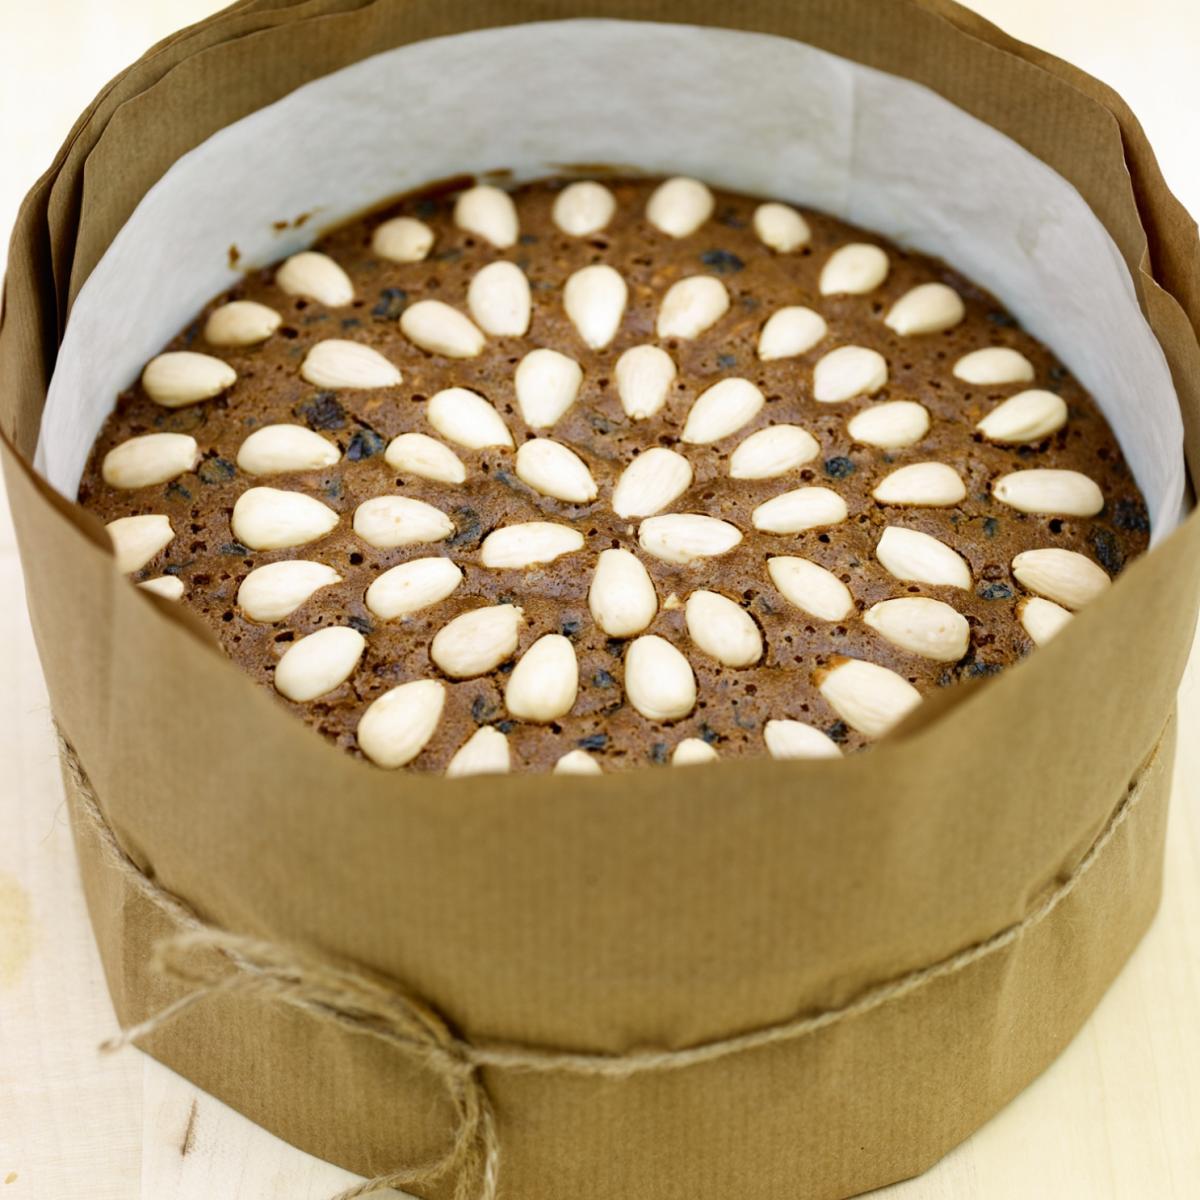 Christmas Cake Decoration Delia Smith : Classic Christmas Cake Recipes Delia Online